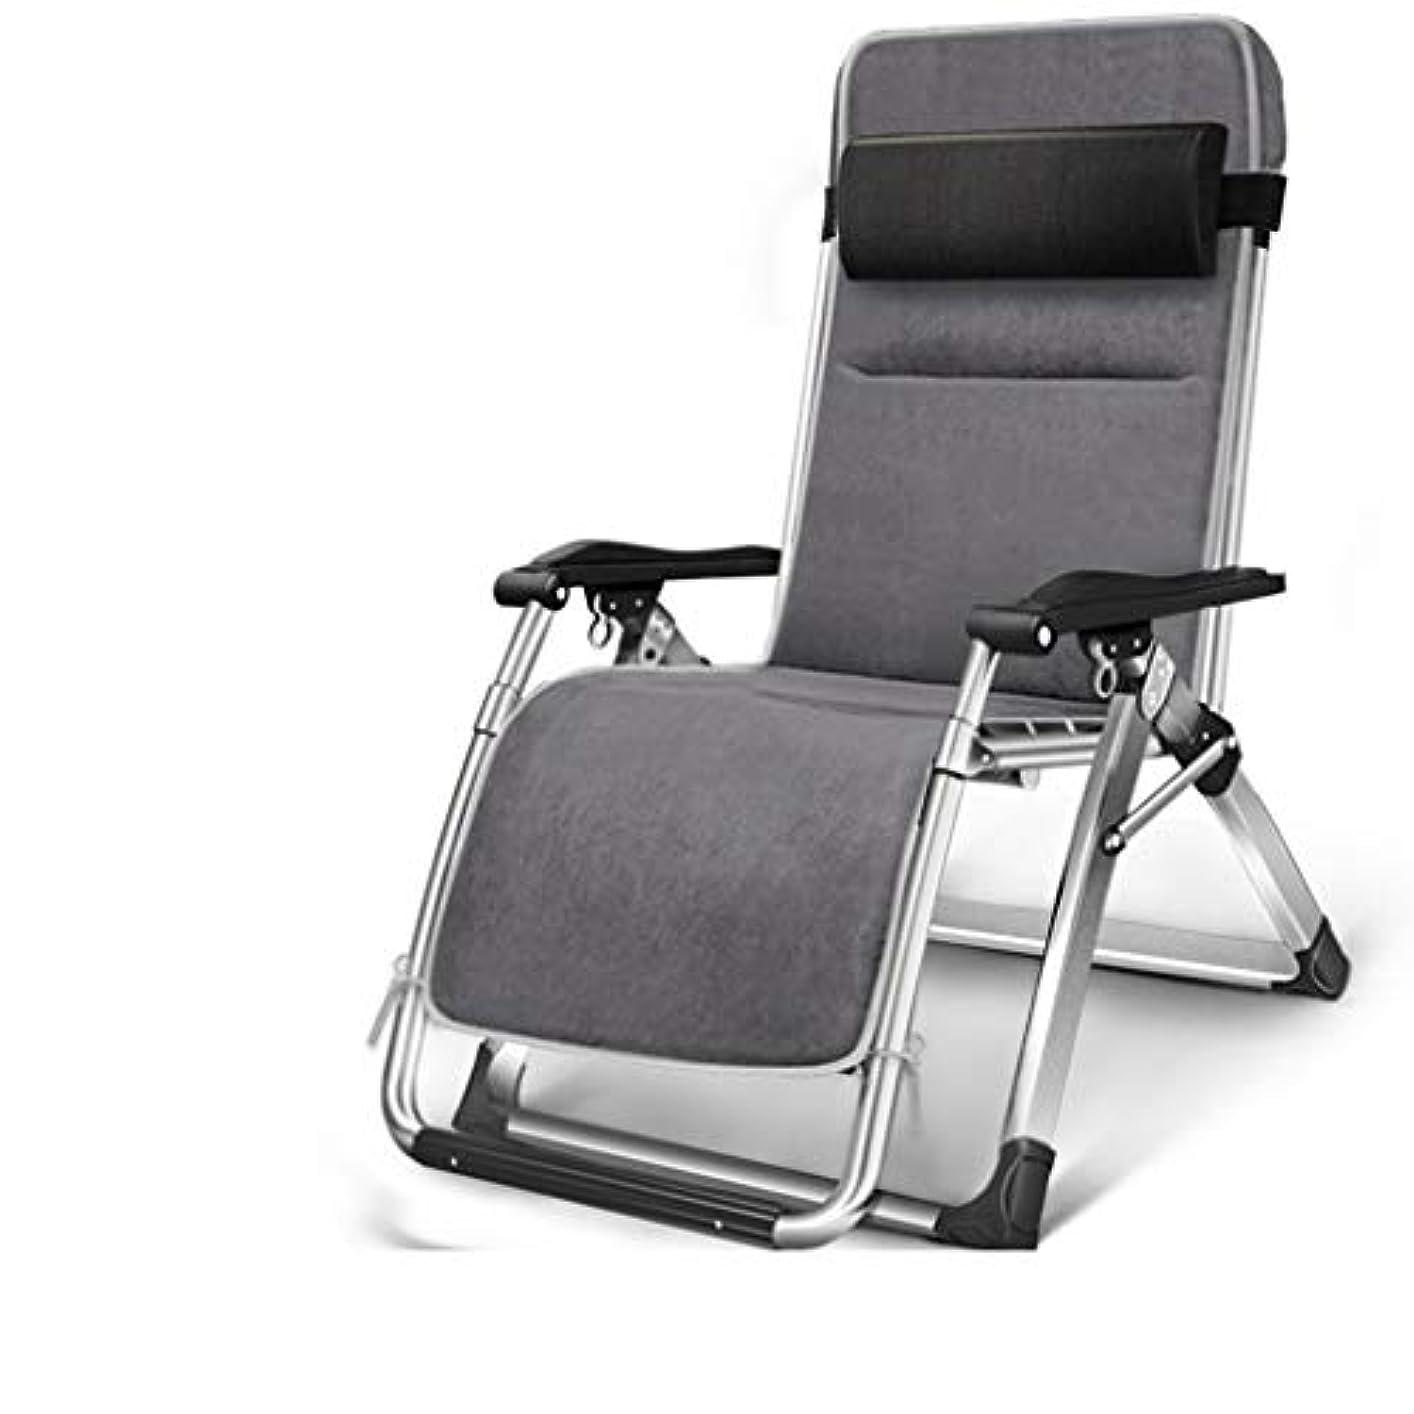 ドナー円周ガウンDKJH サンラウンジャー、折りたたみ椅子、リクライニングチェア、オフィスのランチベッド、シエスタチェア、ラウンジビーチラウンジャー、スエードコットンパッドラウンジャー (色 : Black plus light gray cotton pad)